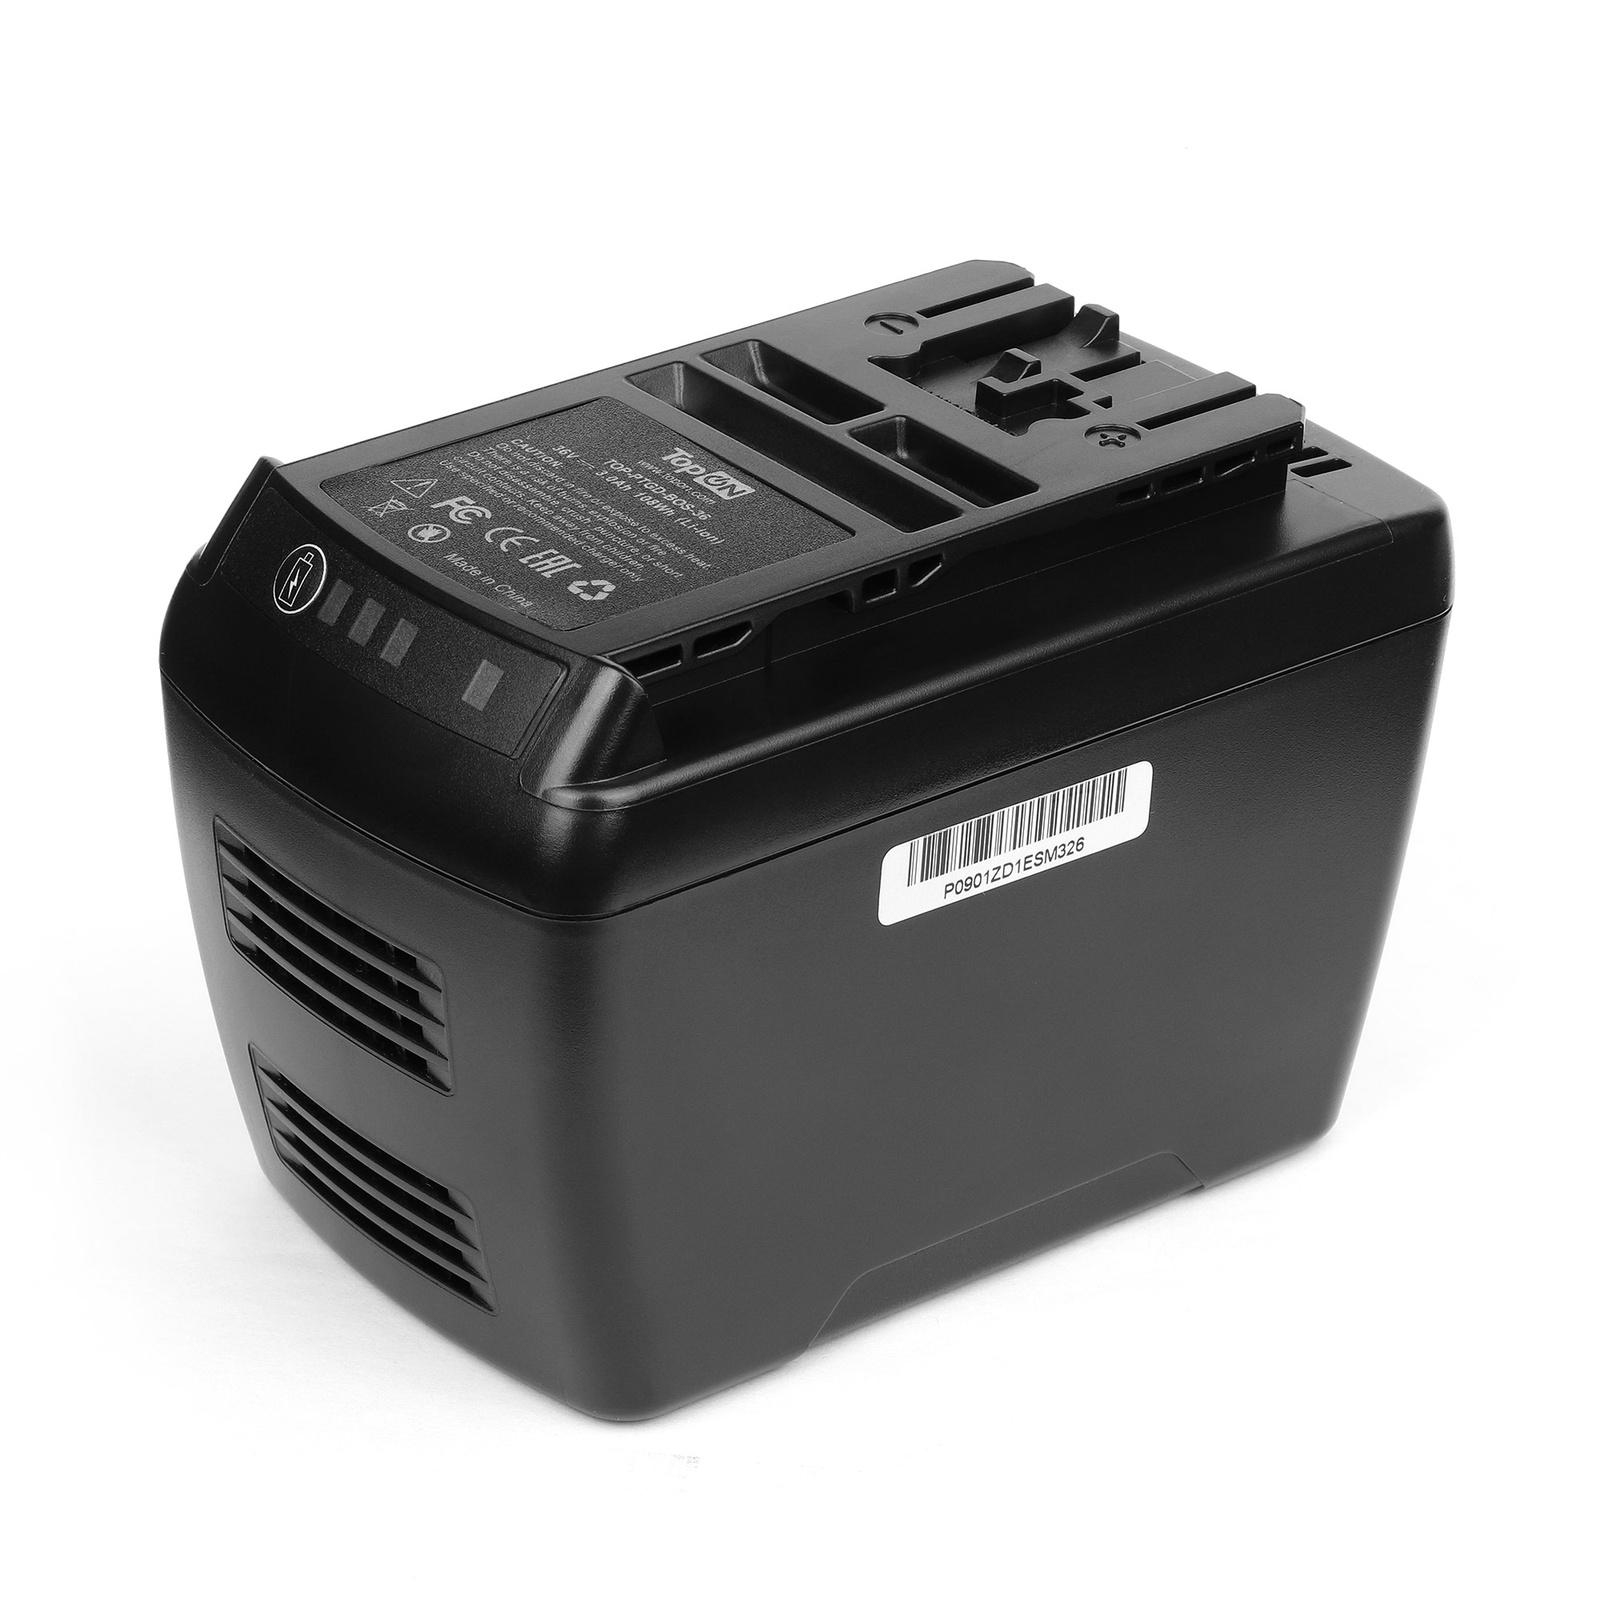 Аккумулятор для инструмента TopON TOP-PTGD-BOS-36